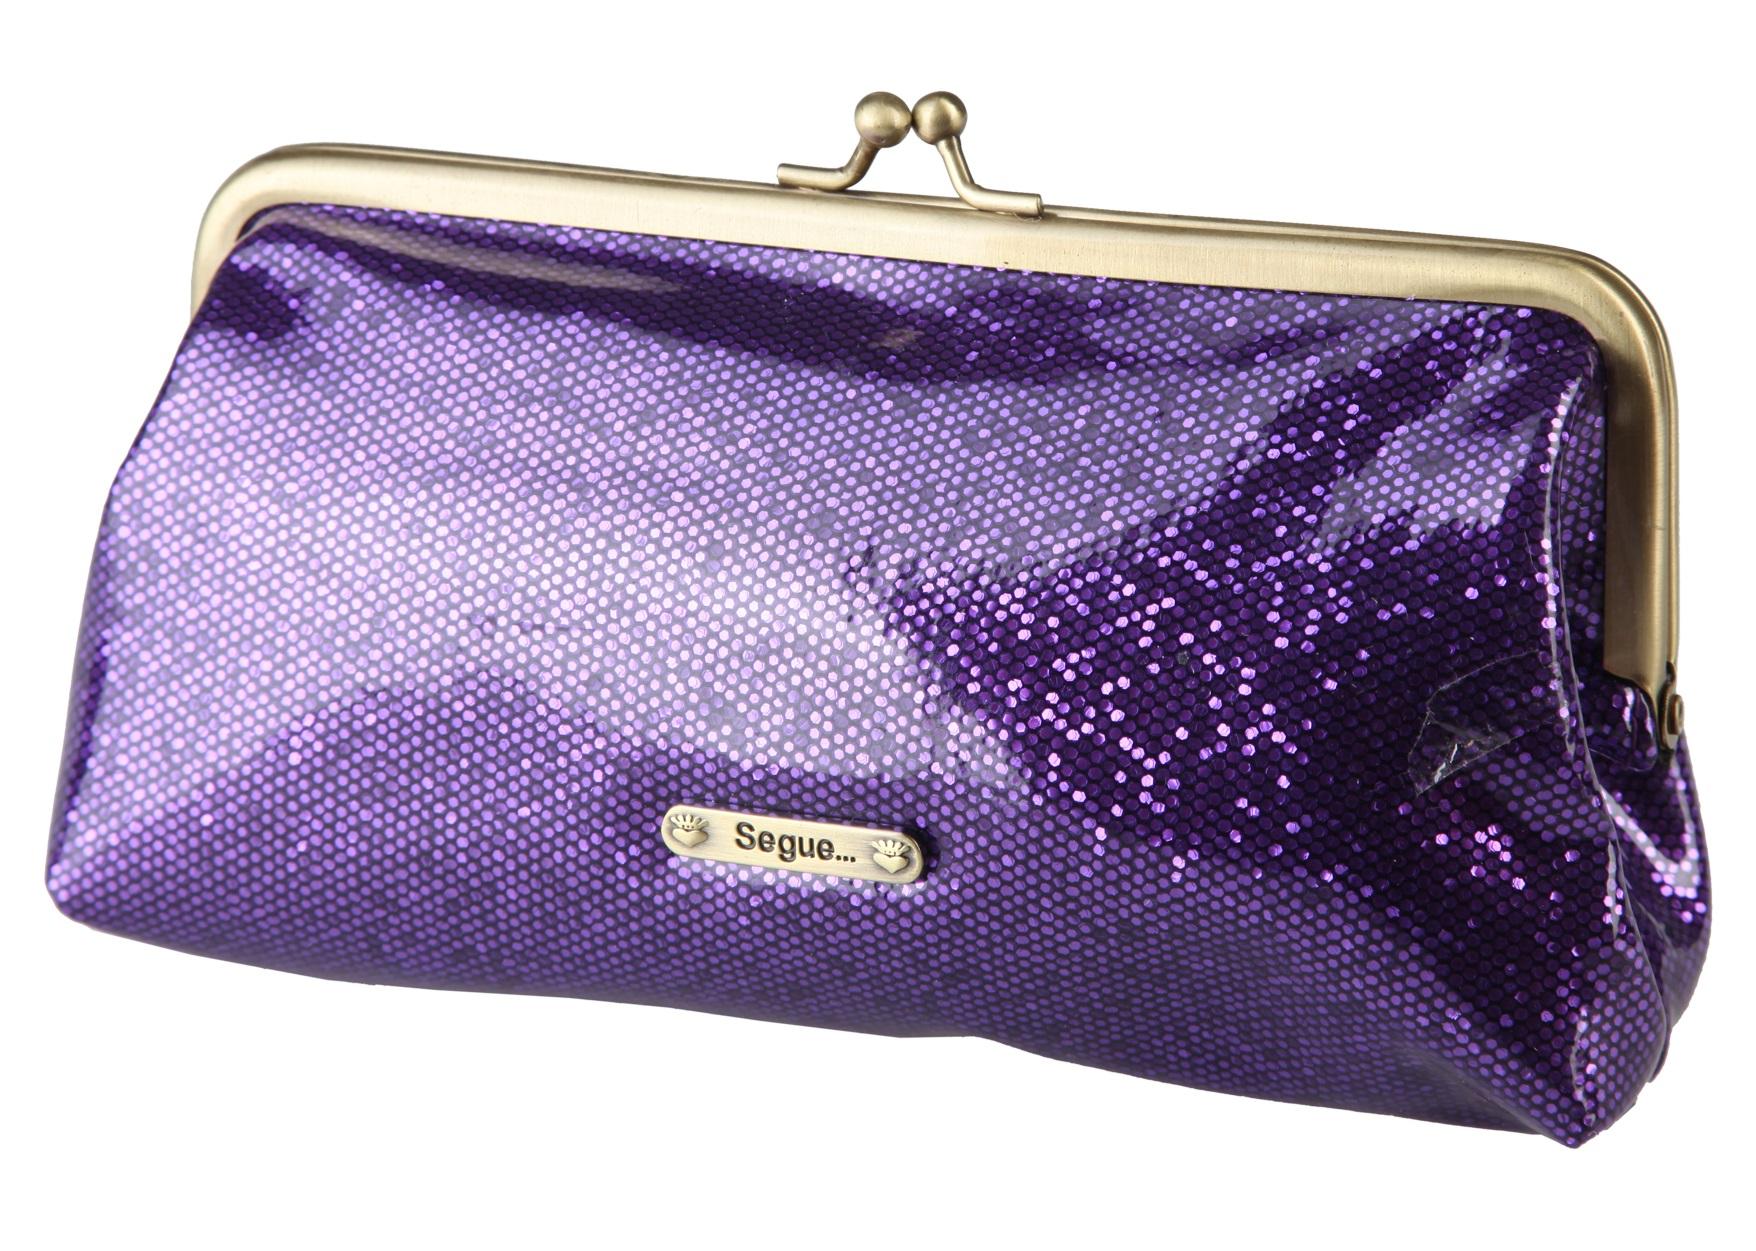 Segue Pochette Violet Rf600141